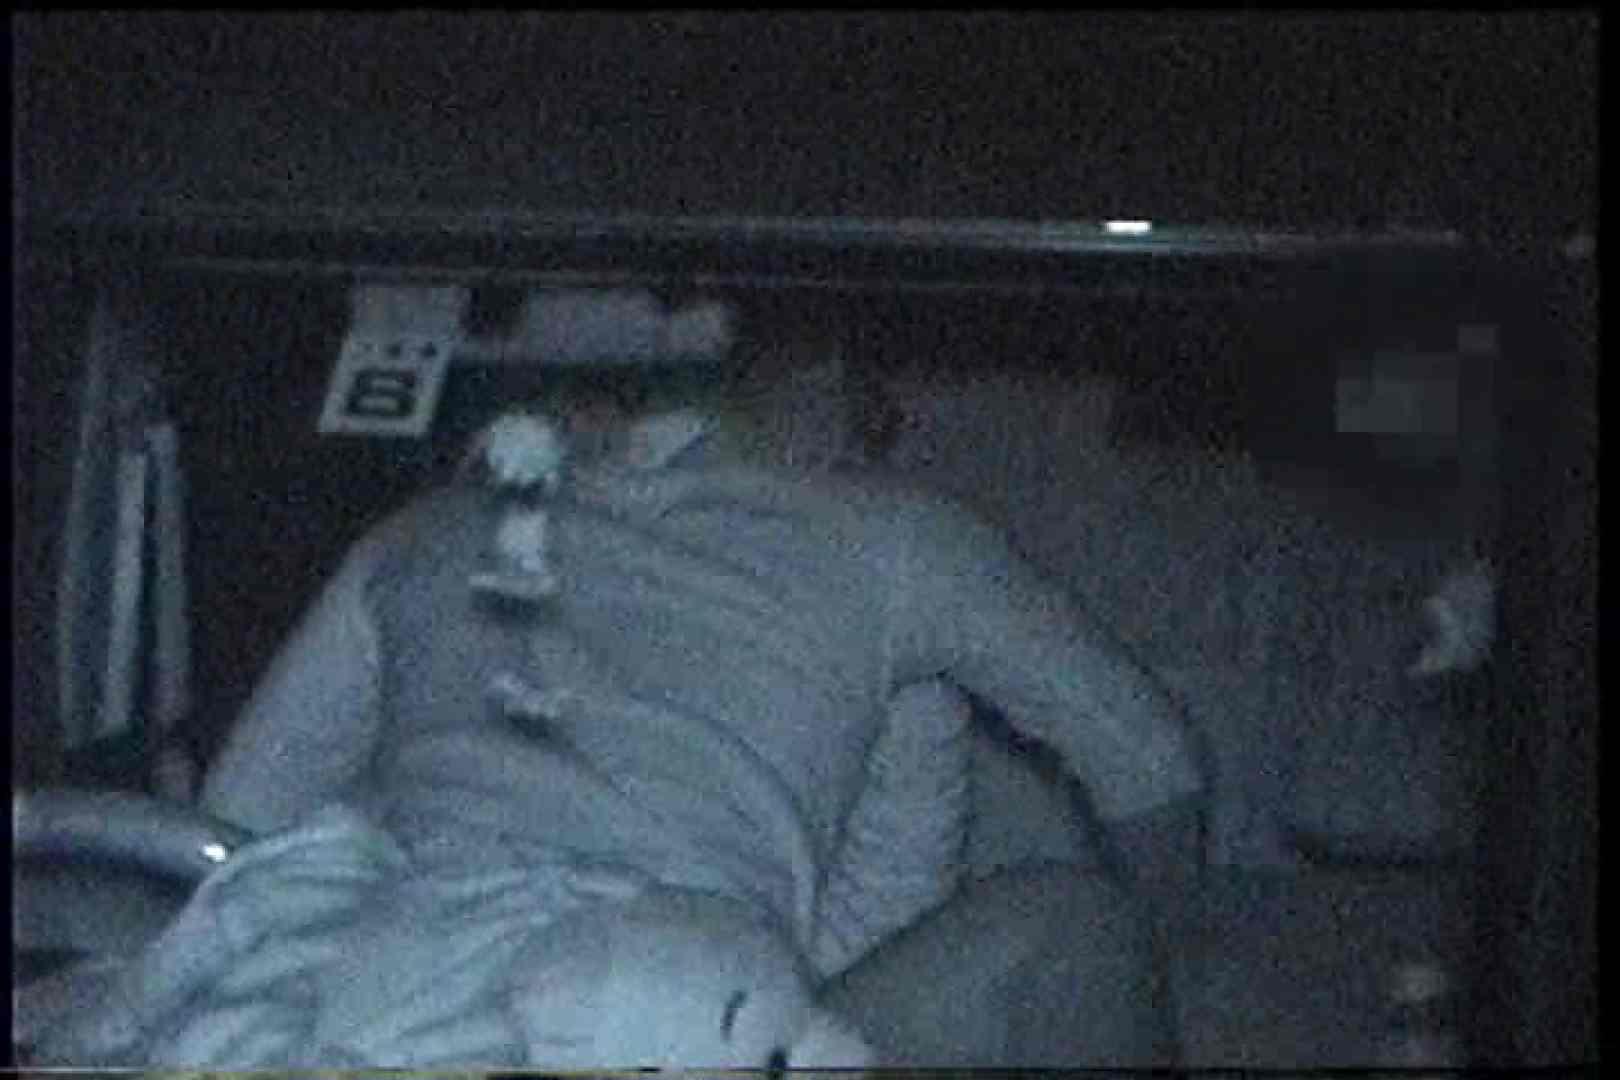 充血監督の深夜の運動会Vol.199 おまんこ無修正 | カップル  80pic 34